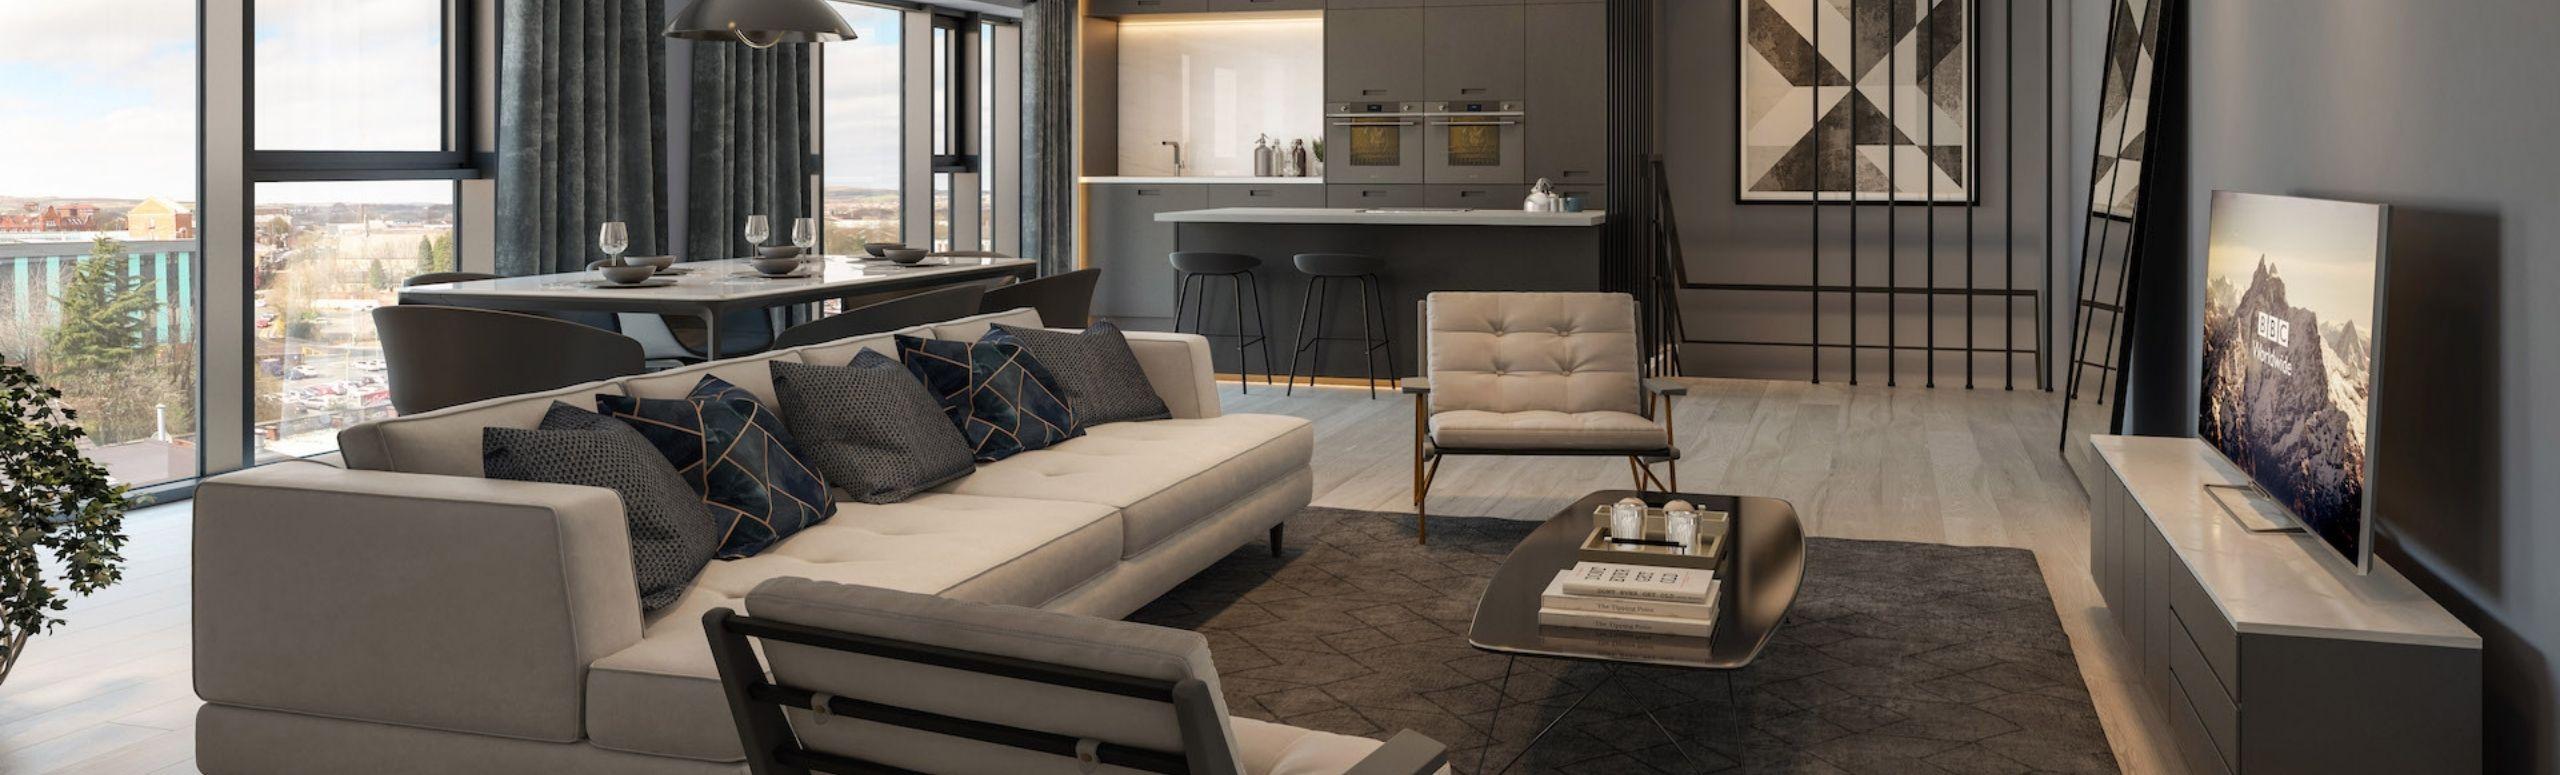 Living Room 2 - Full Width Carousel